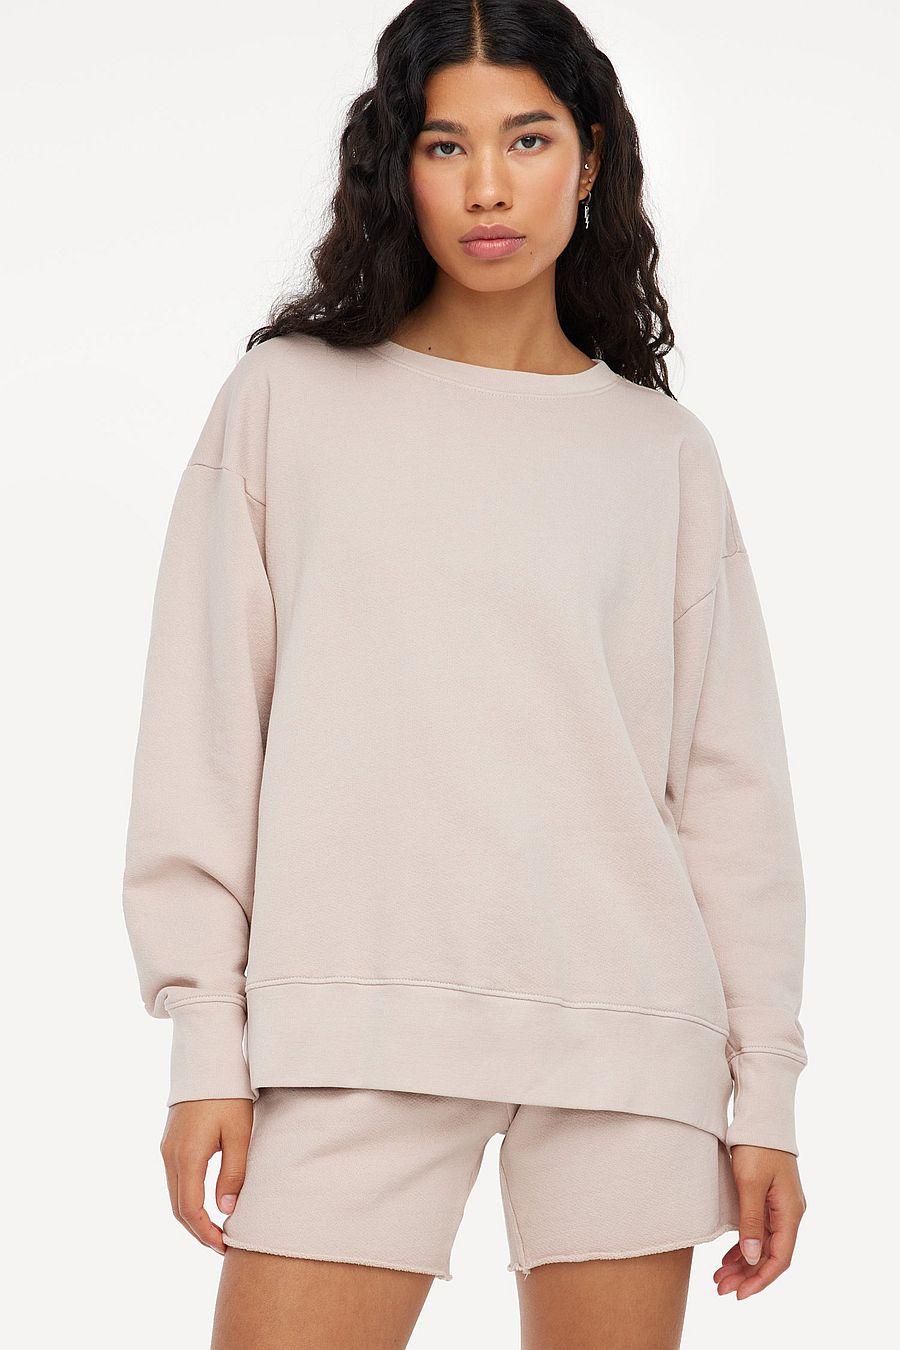 LACAUSA Clothing Slater Sweatshirt - Shroom